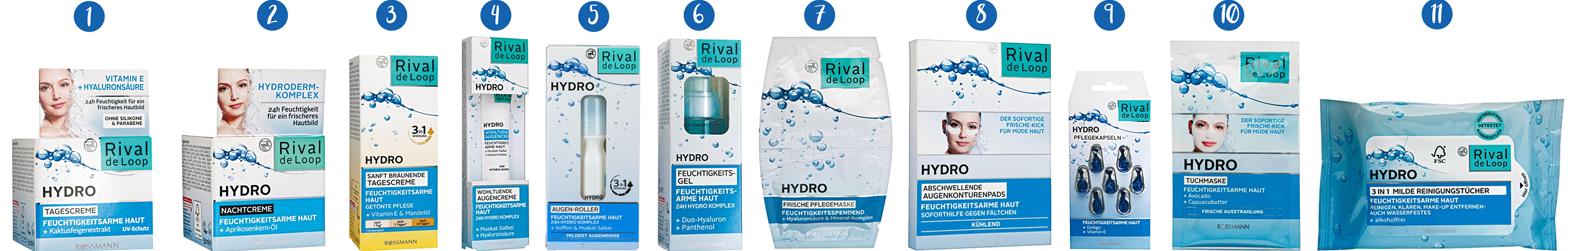 rival_de_loop_hydro